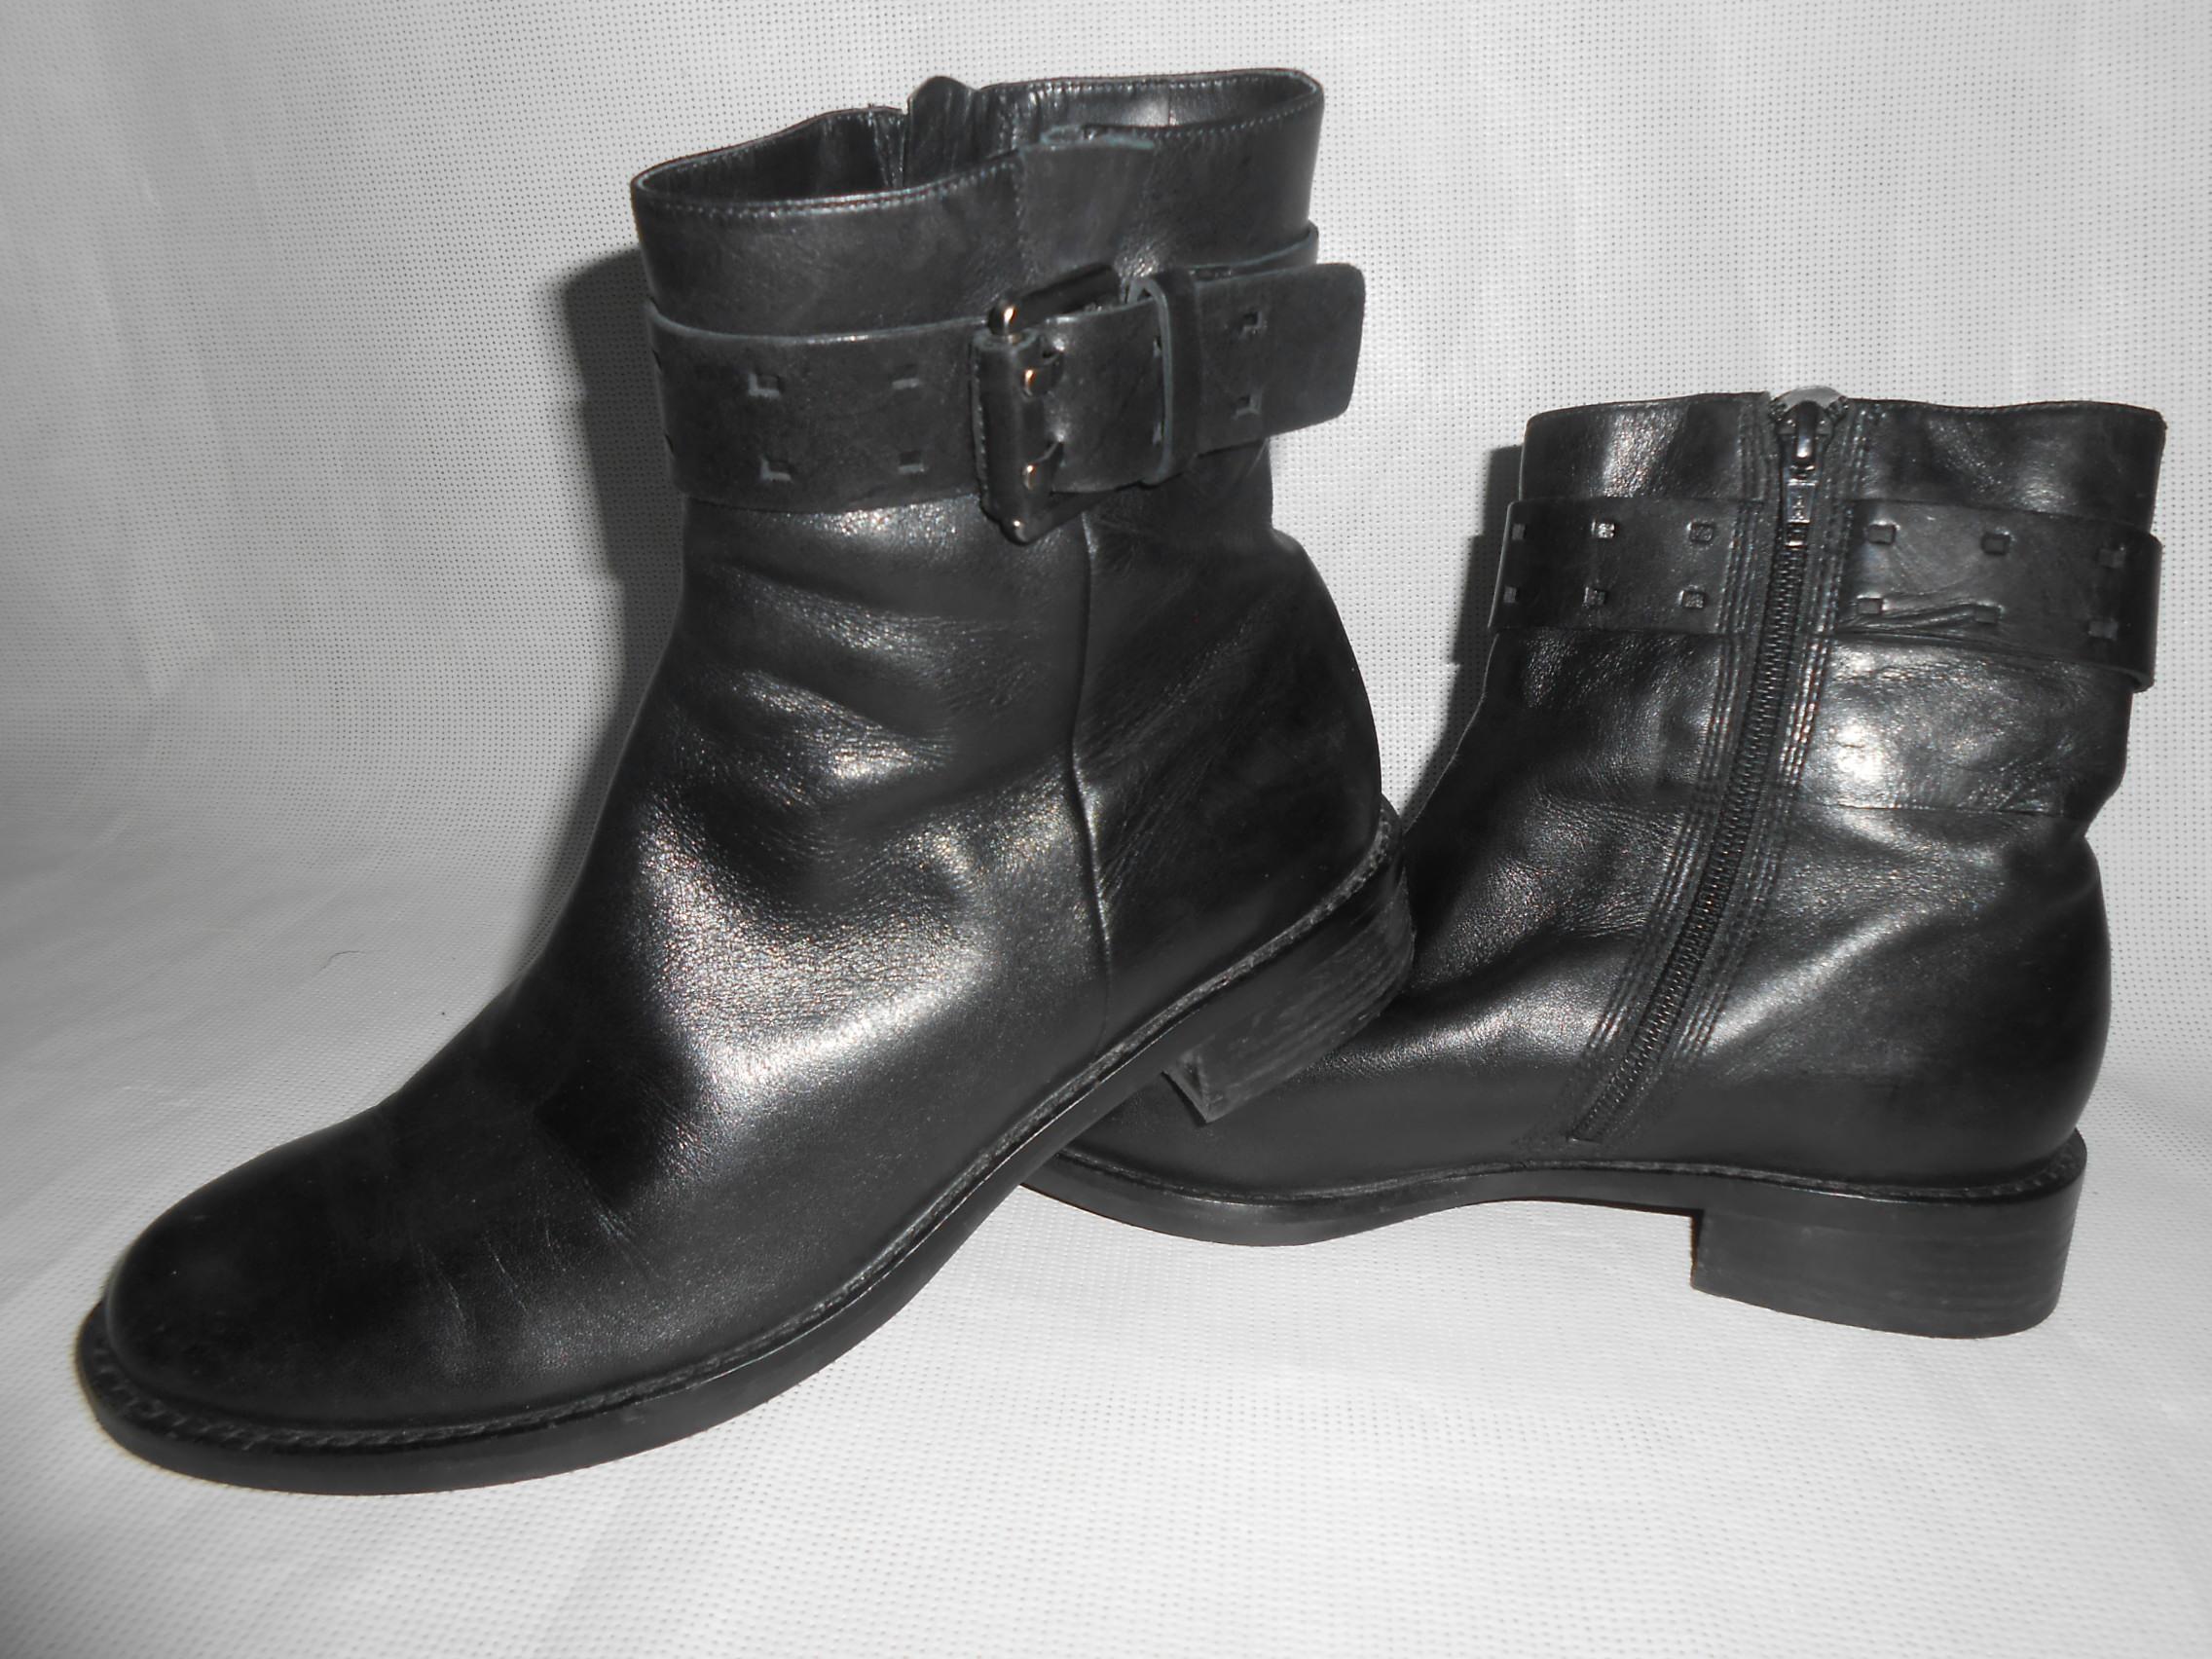 73a4296c ECCO Super buty damskie z Anglii !!nr 38 - 7160001005 - oficjalne ...